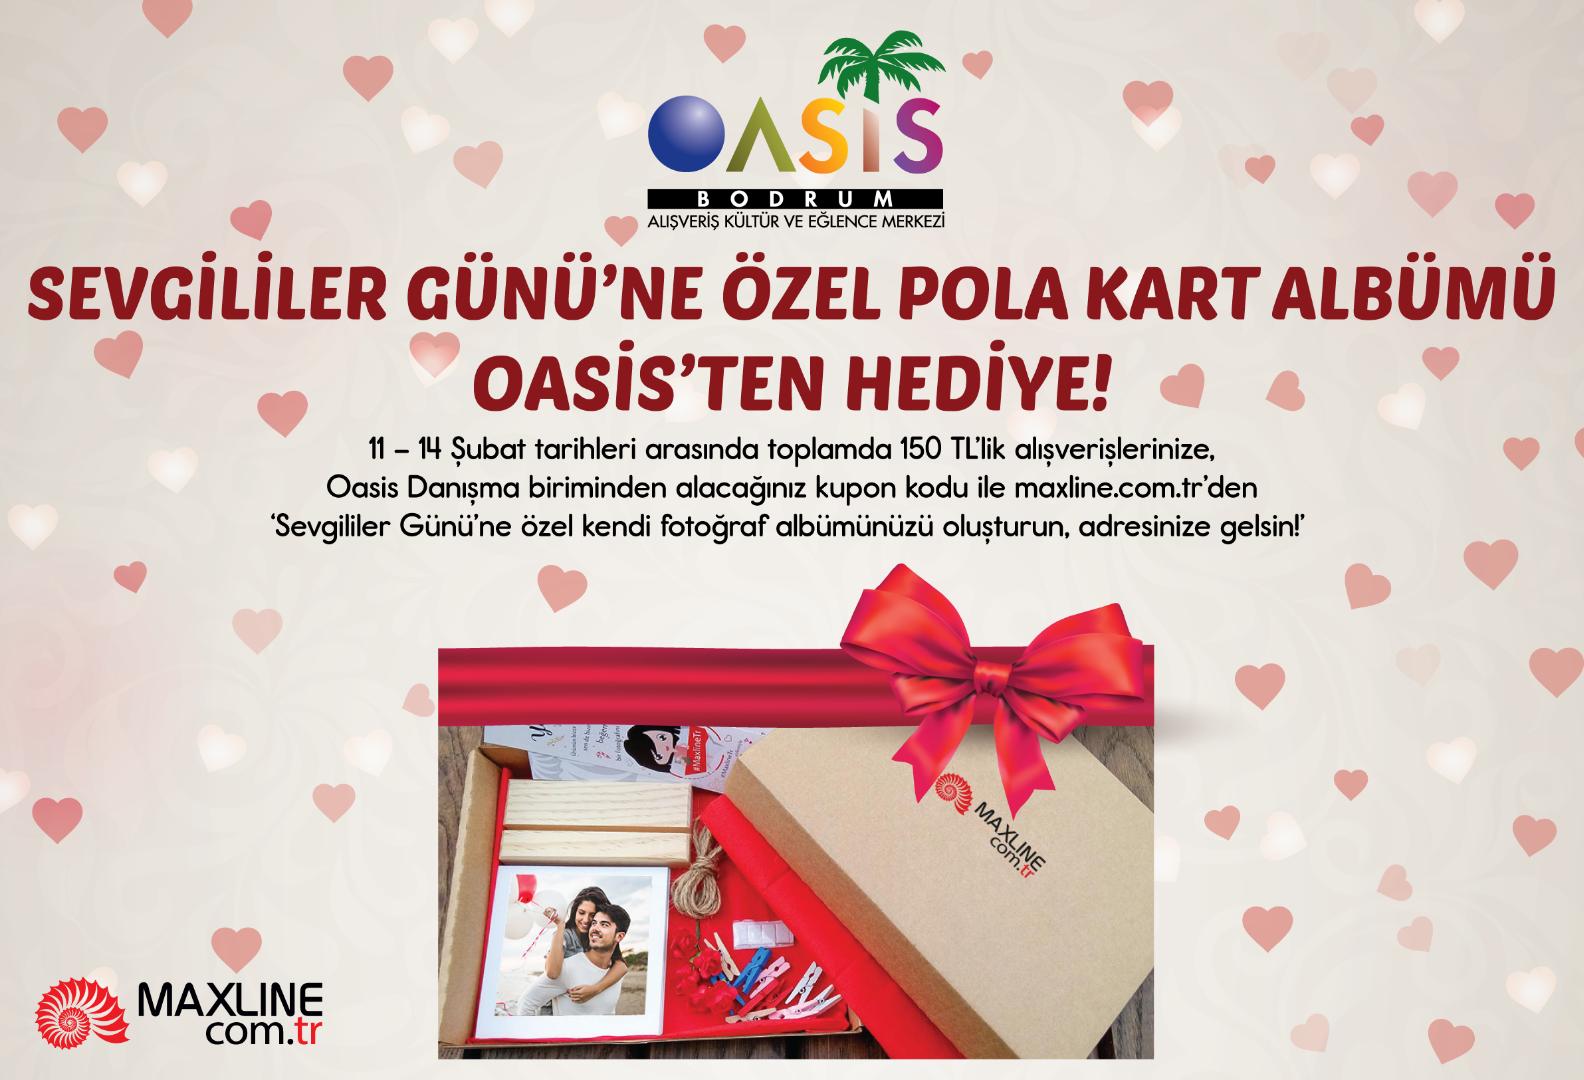 Oasis Sevgililer Günü'nde Pola Kart albümü hediye edecek